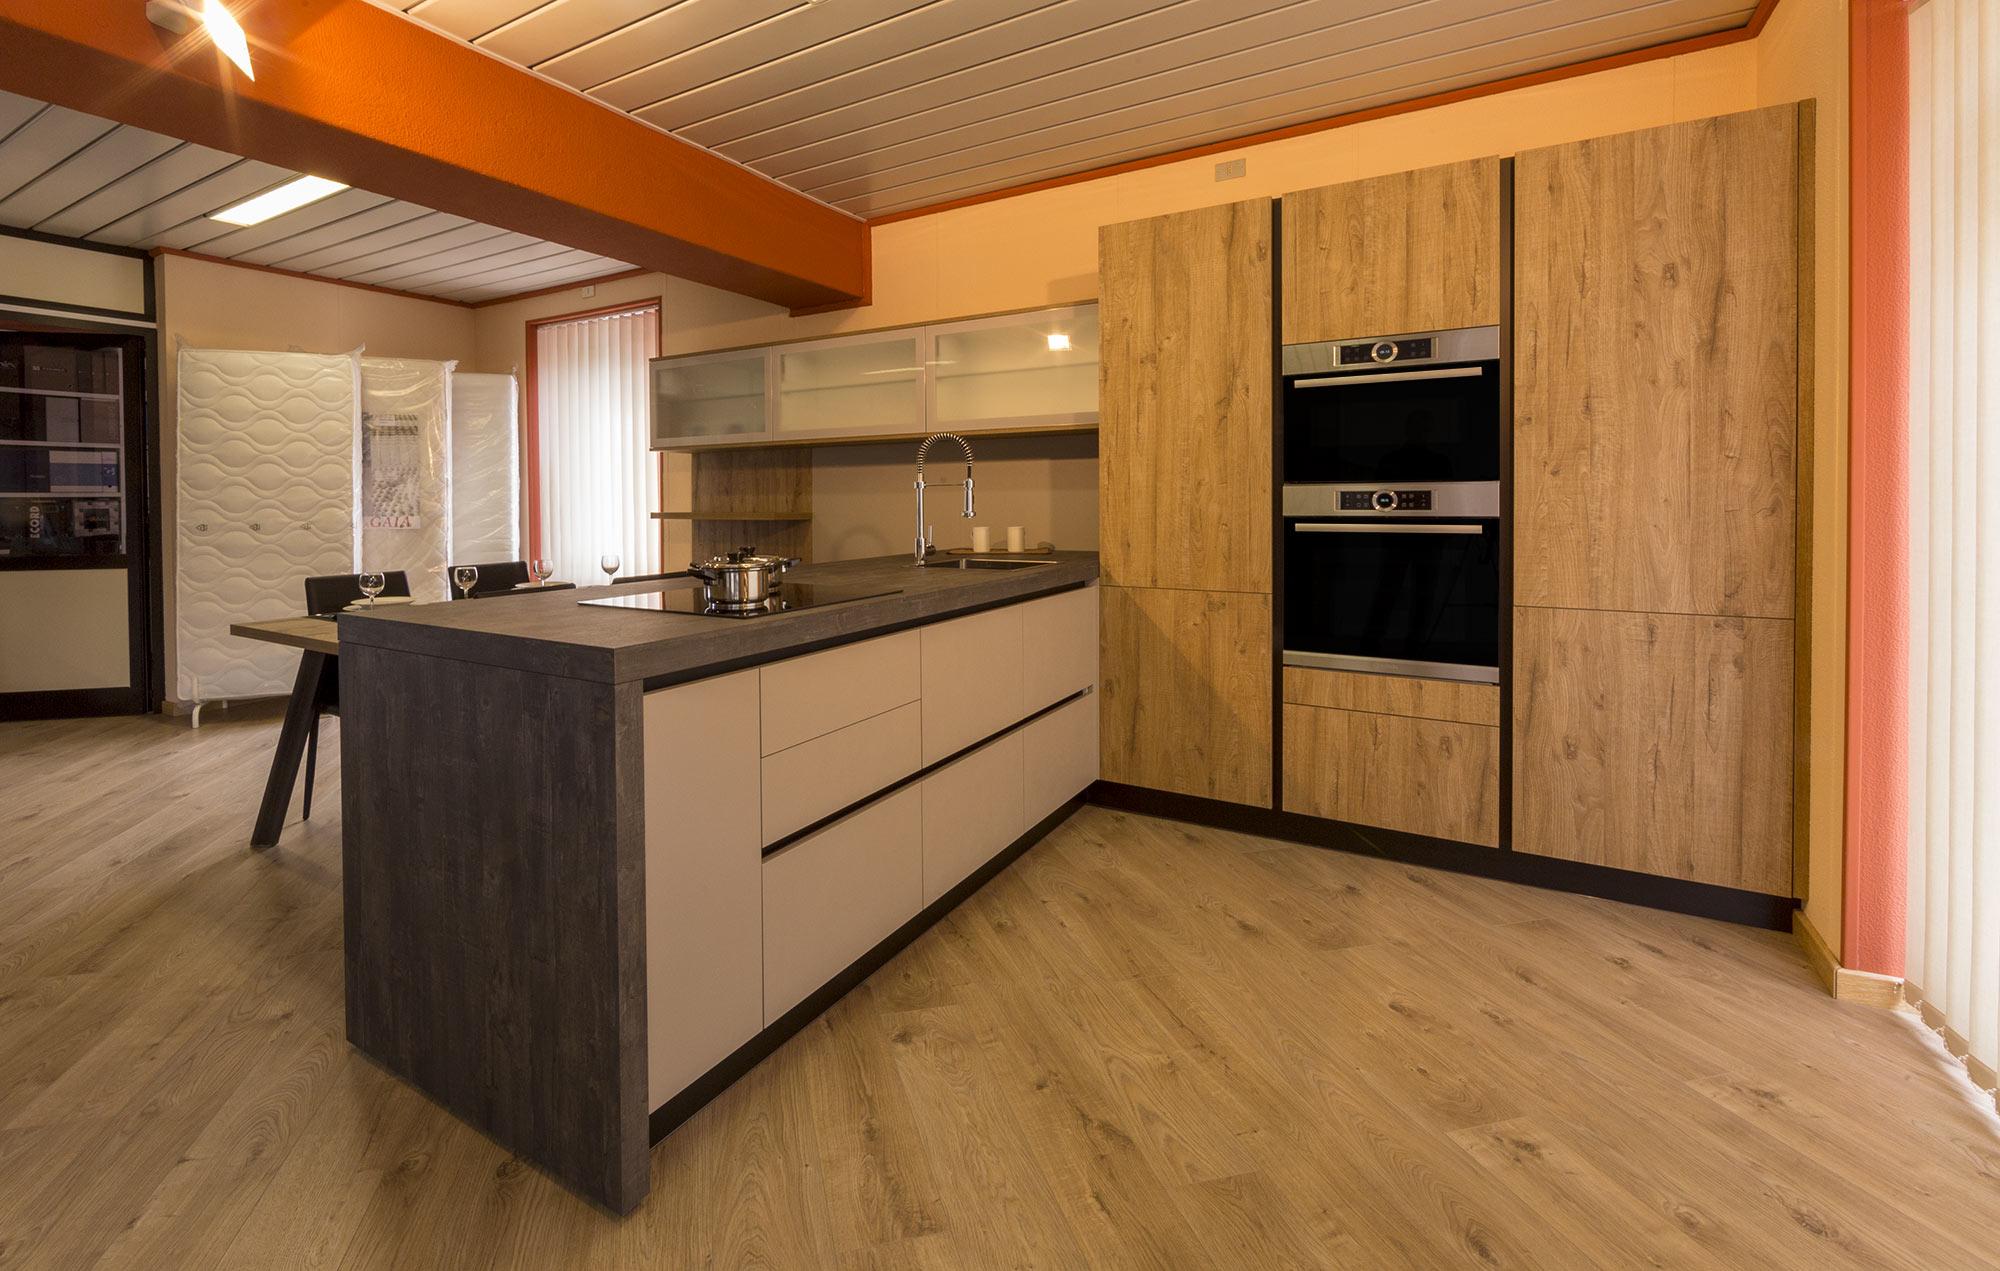 Fantastiche idee per la tua futura casa arredamento a for La tua casa trento